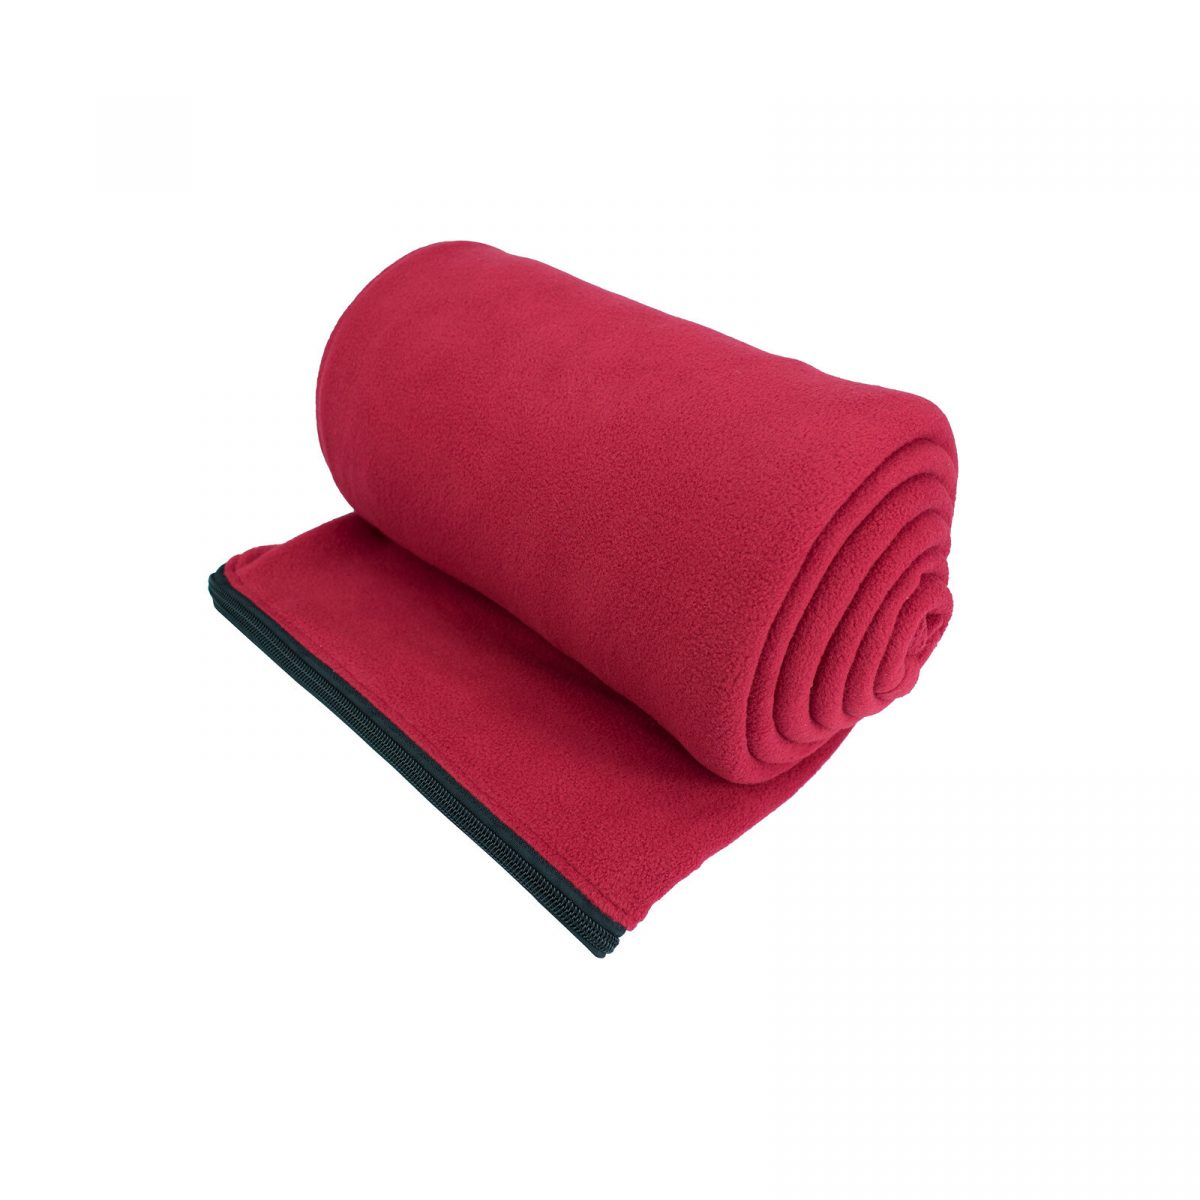 Osage sleeping bag liner